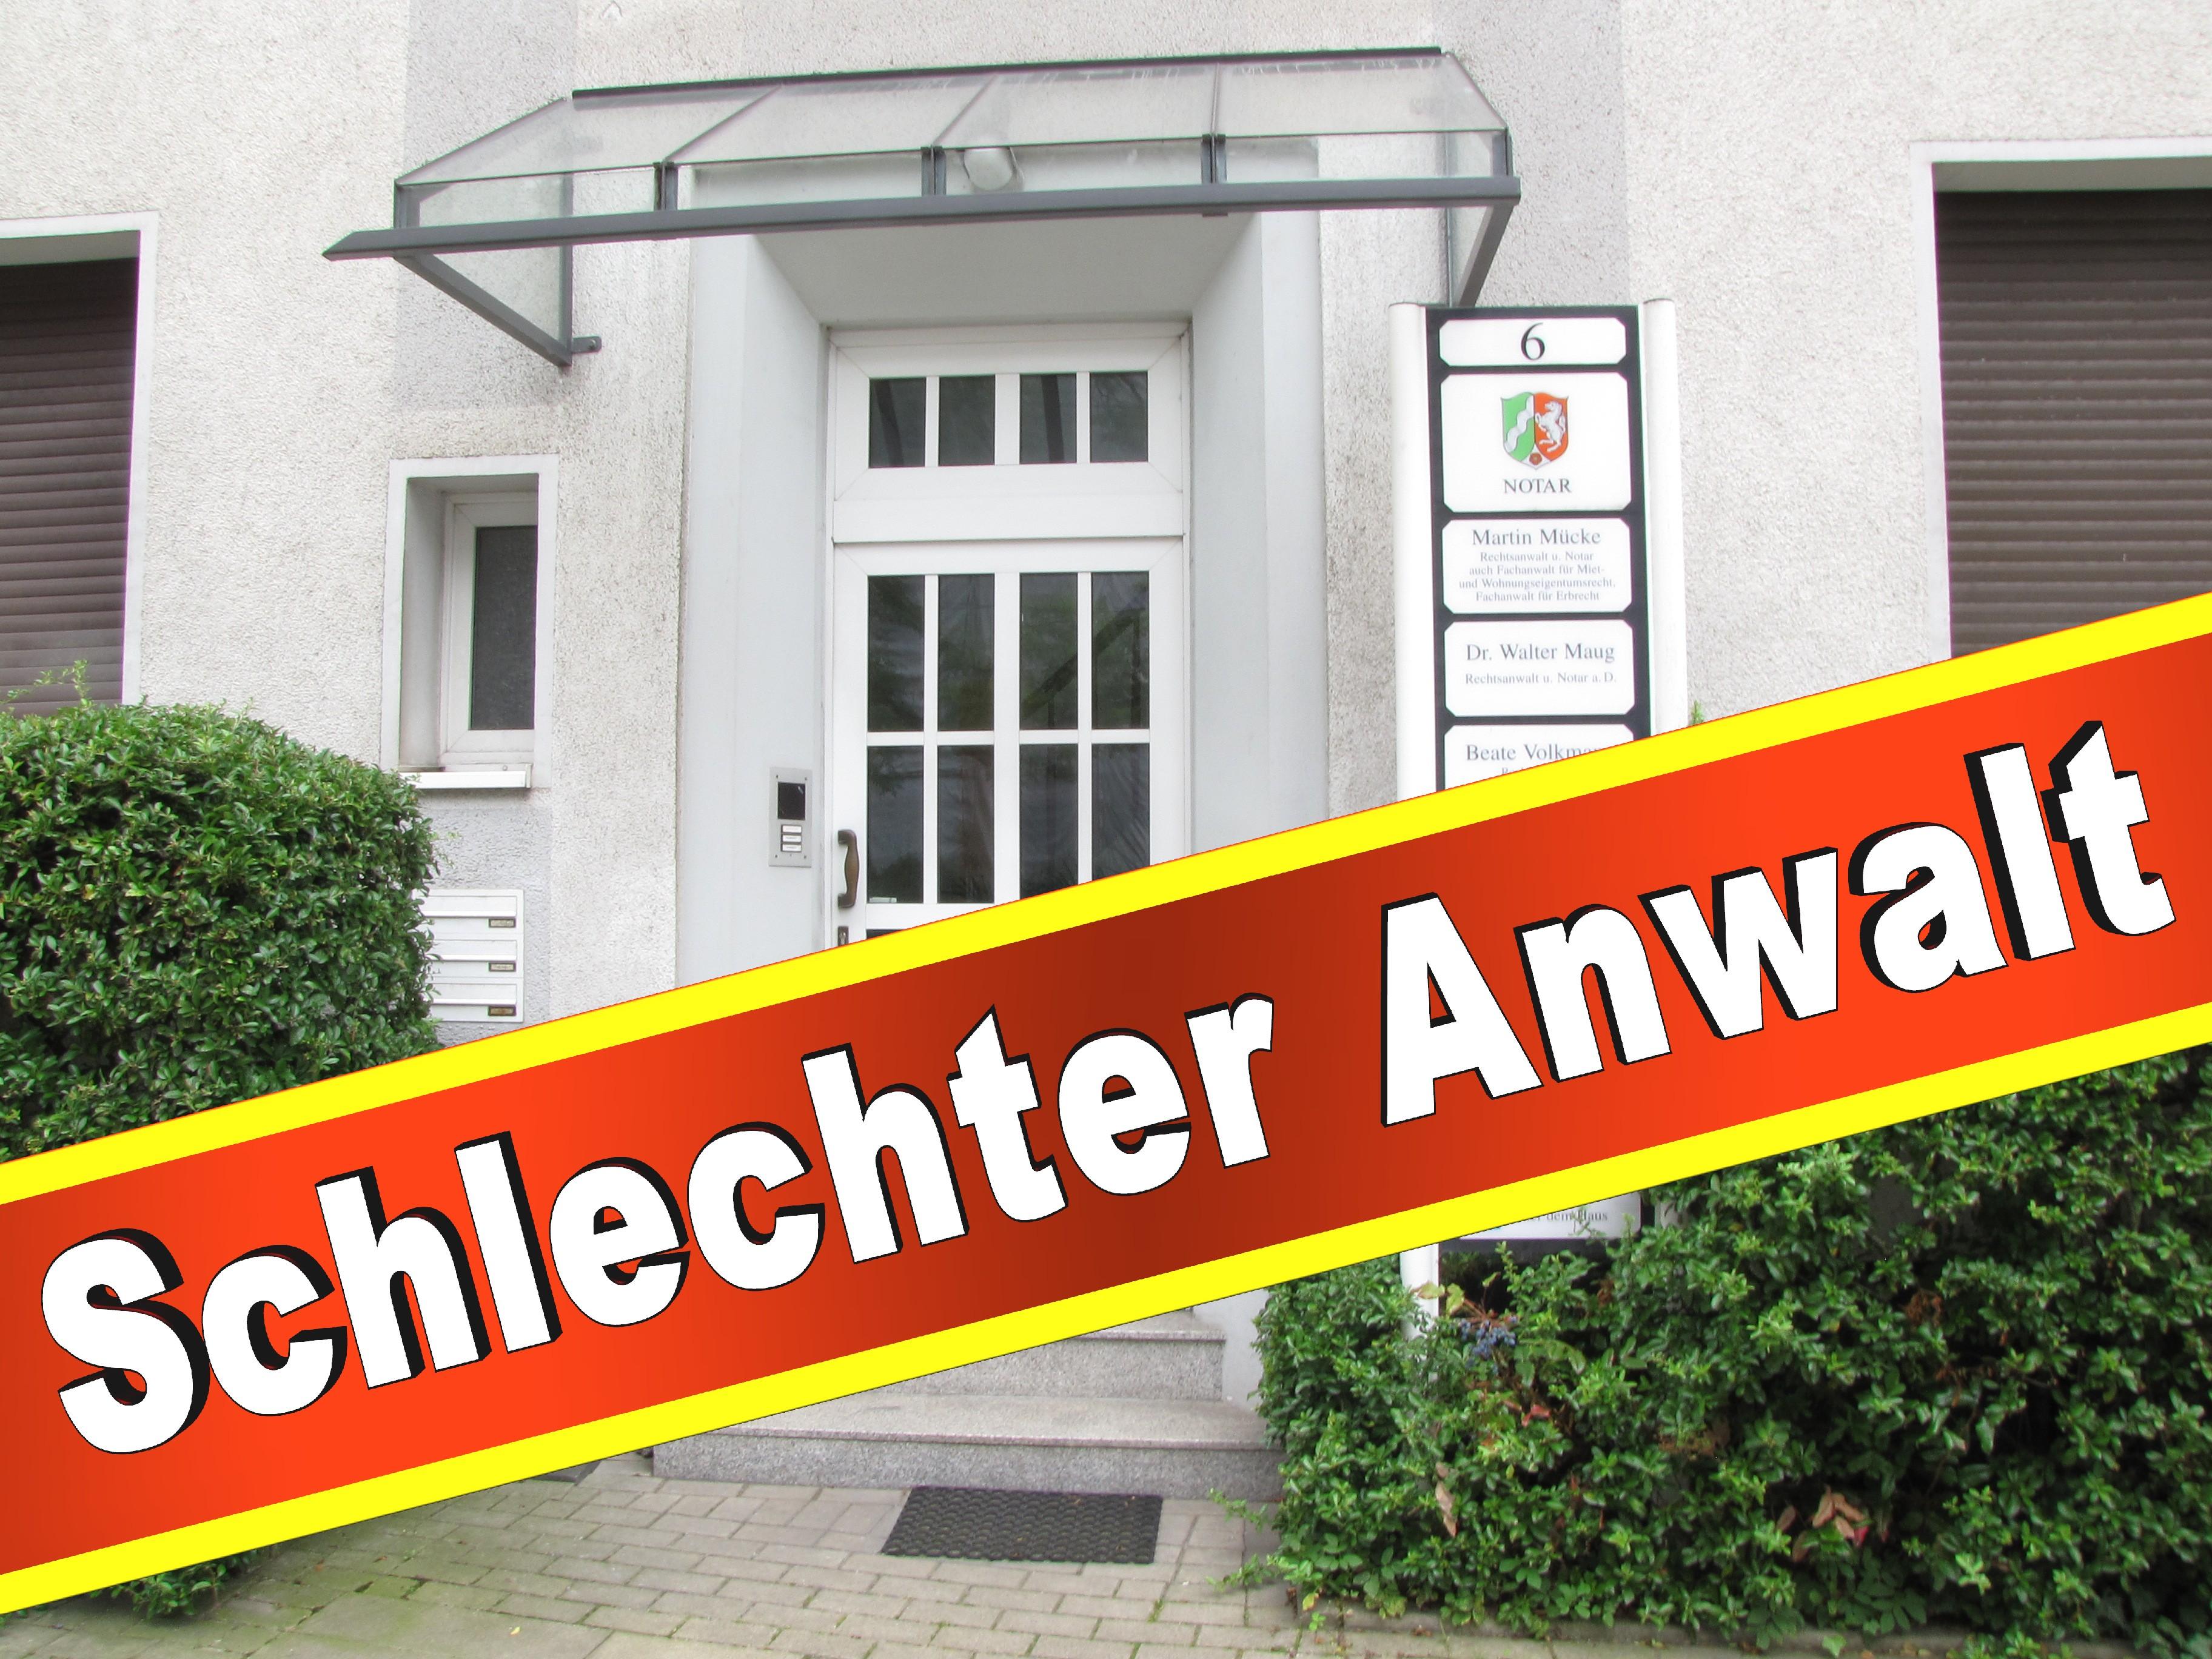 Rechtsanwalt Martin Mücke Bielefeld Maug Und Mücke Kanzlei Rechtsanwaltskanzlei 13 Kopie (3)